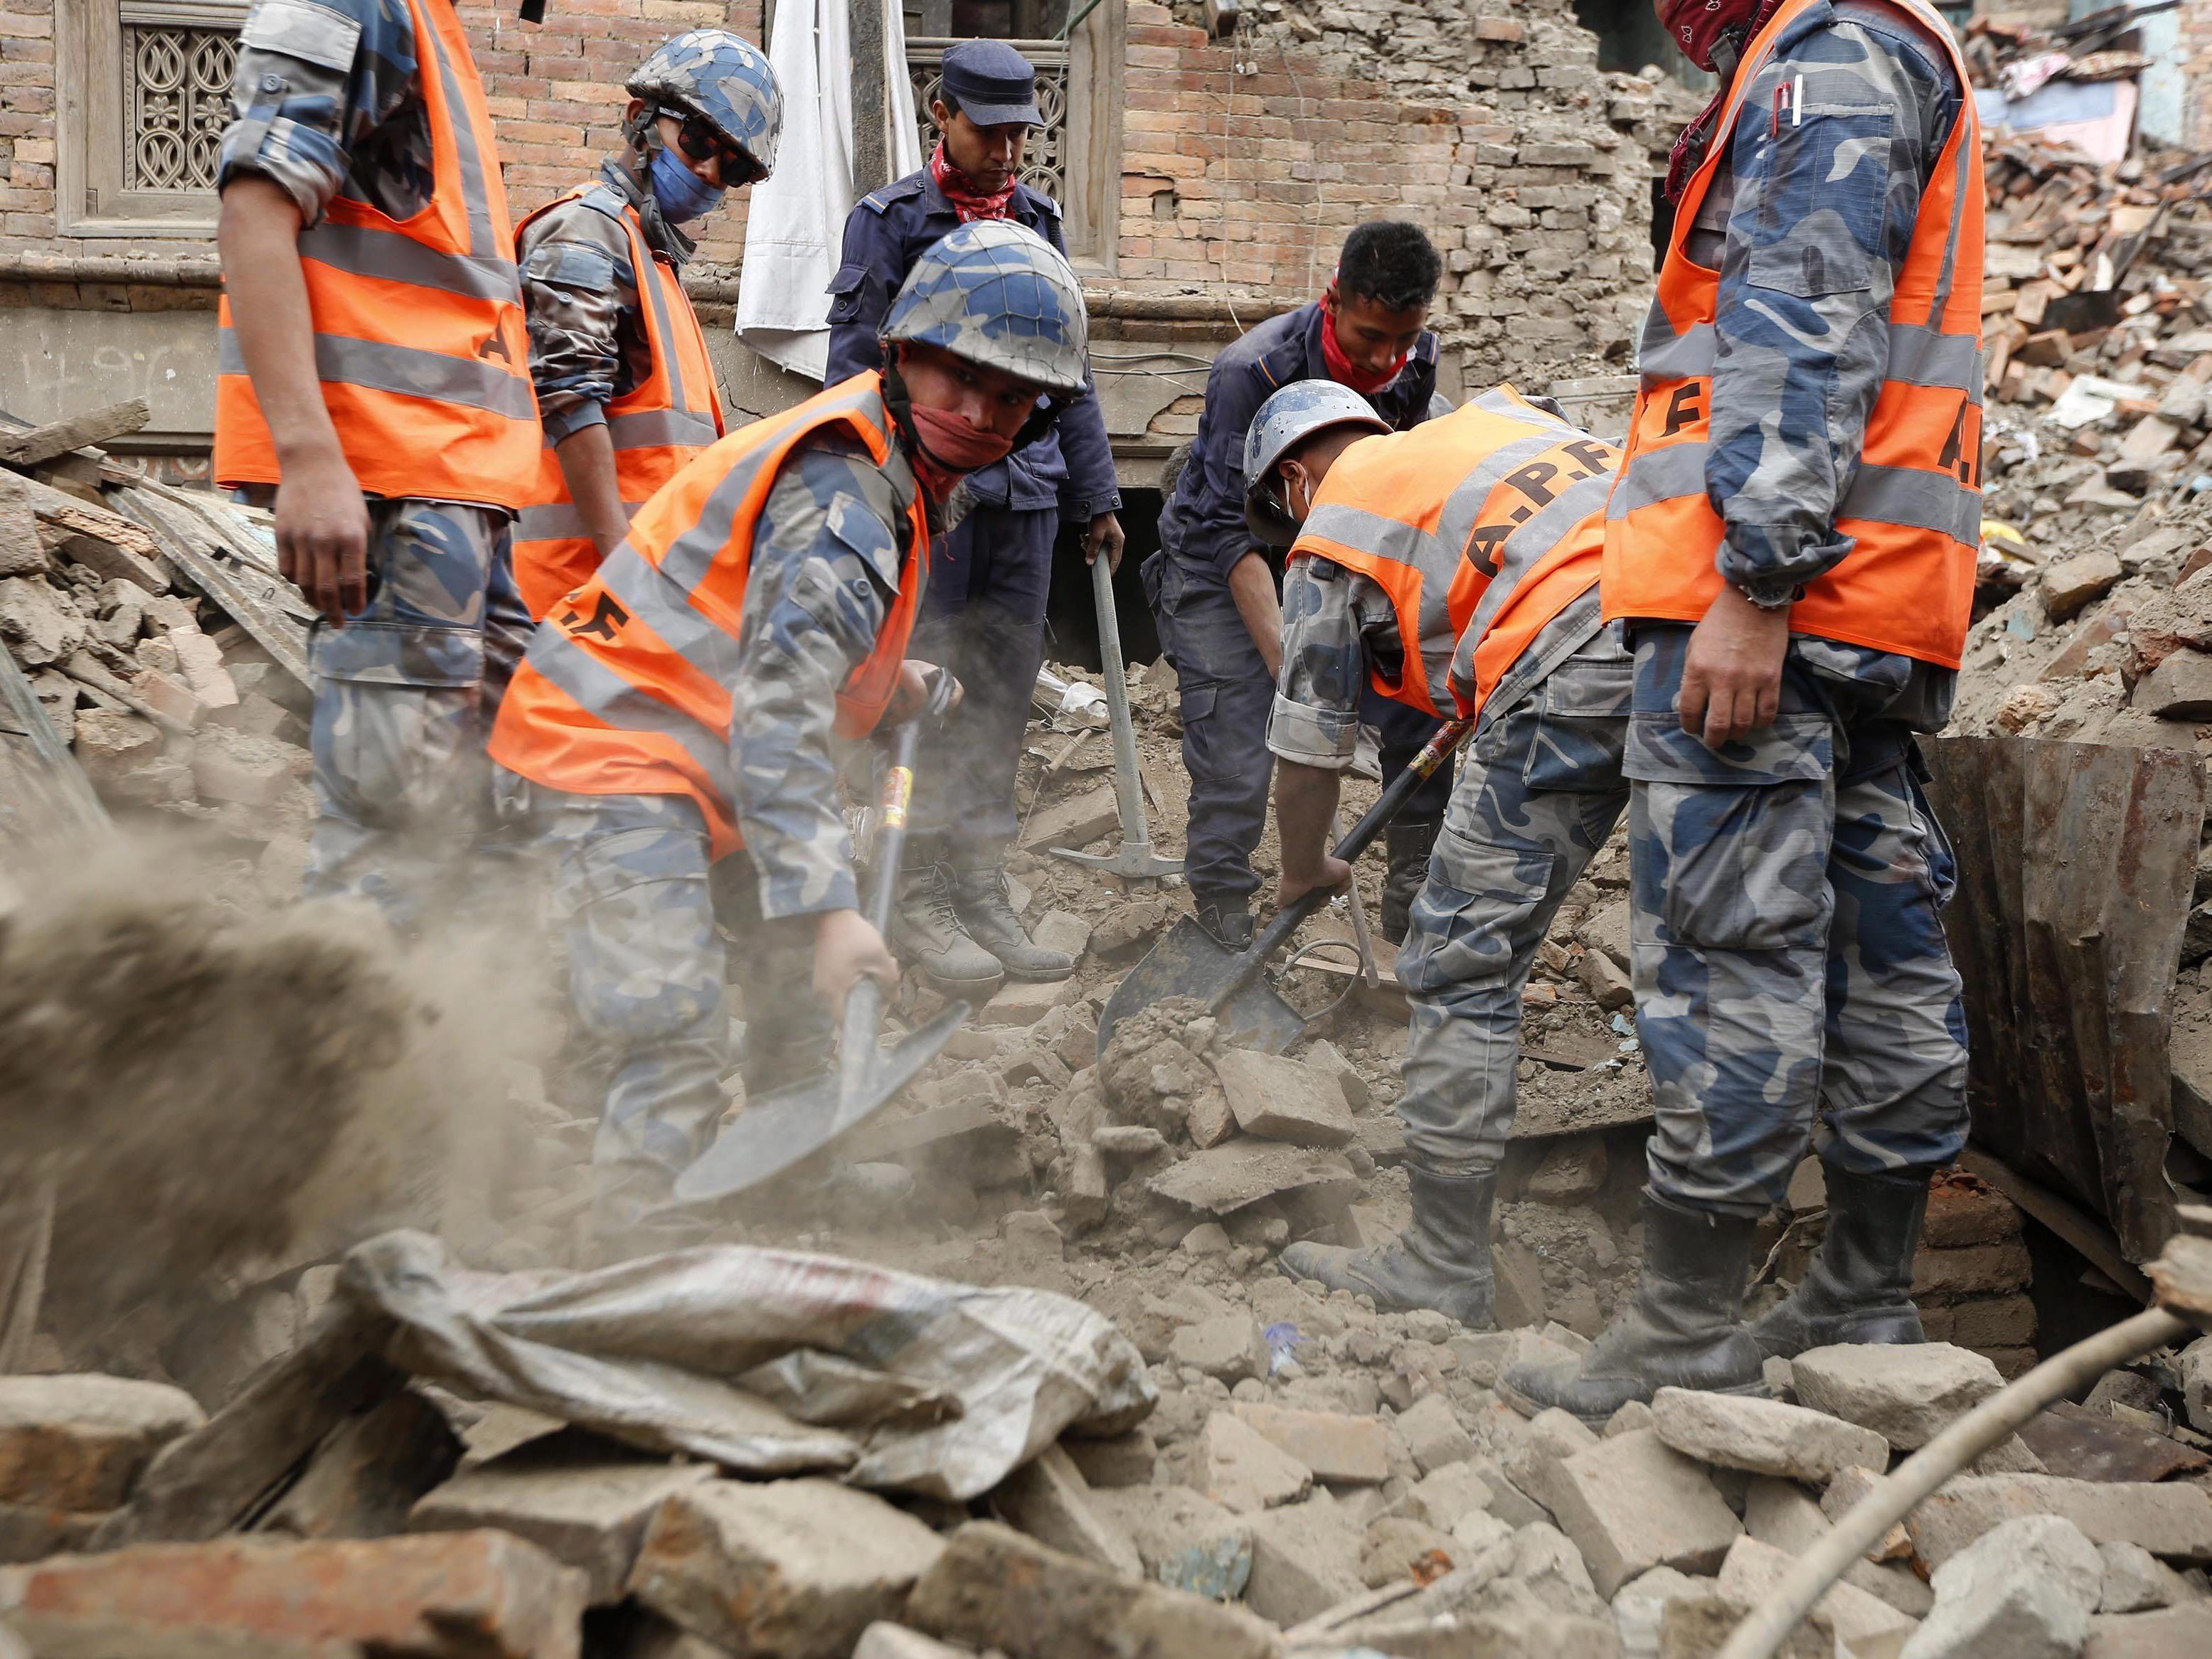 Die Rettungsmaßnahmen in Kathmandu sollen nocheinmal intensiviert werden.